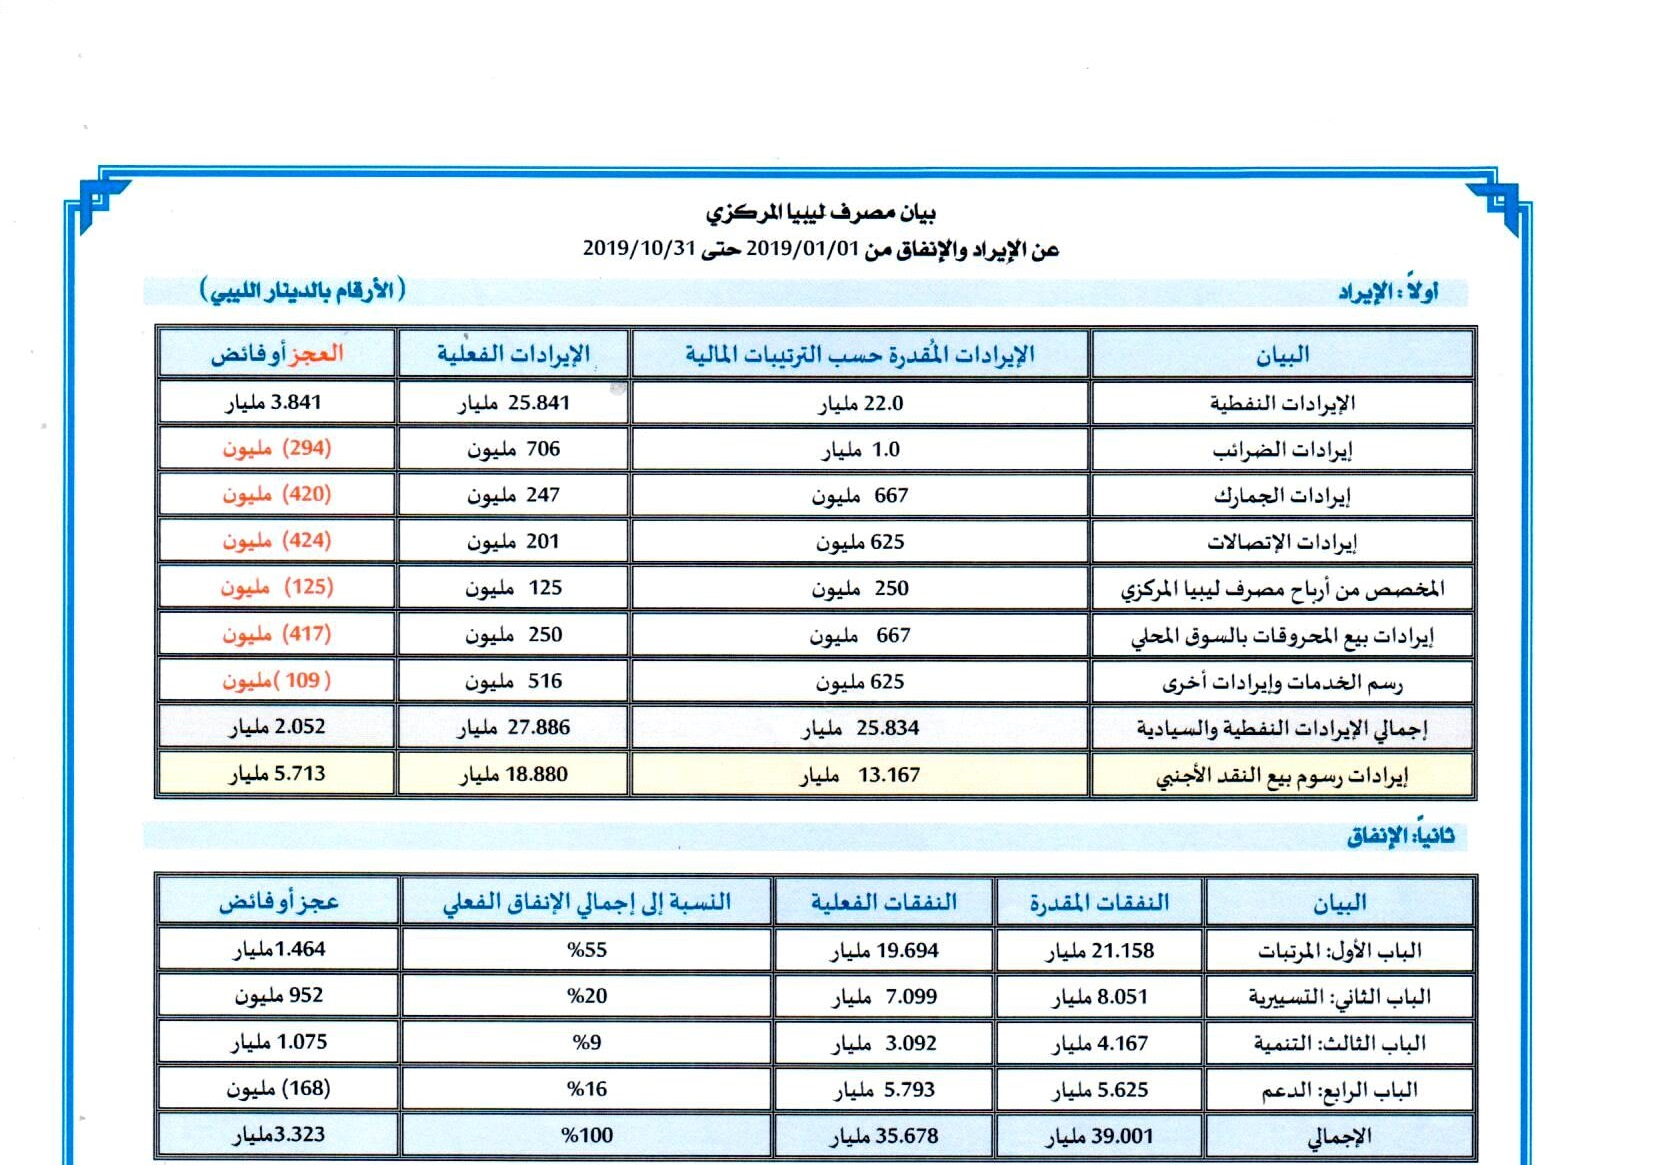 بيان مصرف ليبيا المركزي عن الإيراد والإنفاق من 2019/01/01 حتى 2019/10/31 مرفق بكشف مبيعات النقد الأجنبي للمصارف التجارية (بالدولار الأمريكي) عن نفس الفترة